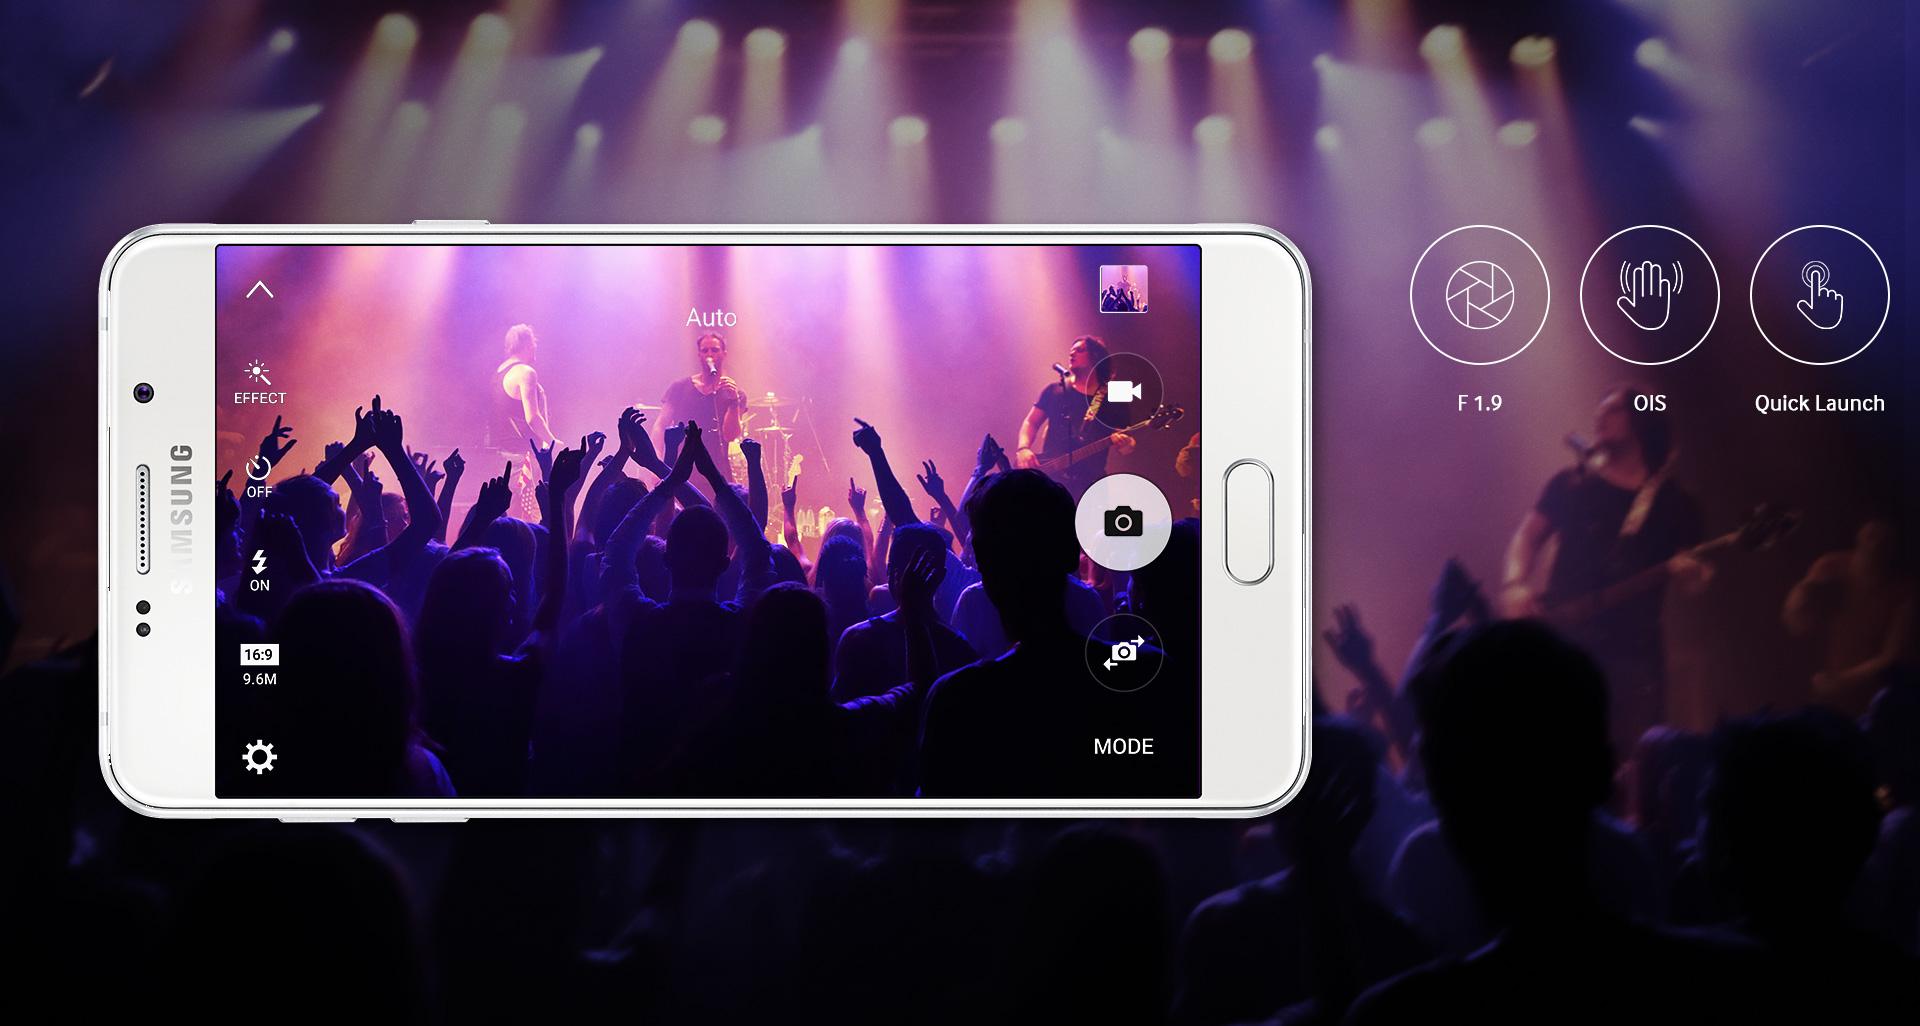 Samsung Galaxy A7 (2016) สมาร์ทโฟนดีไซน์ระดับพรีเมียม ใช้งานแอพพลิเคชันได้พร้อมกันสูงสุด 5 แอพพลิเคชัน ในหน้าจอเดียว